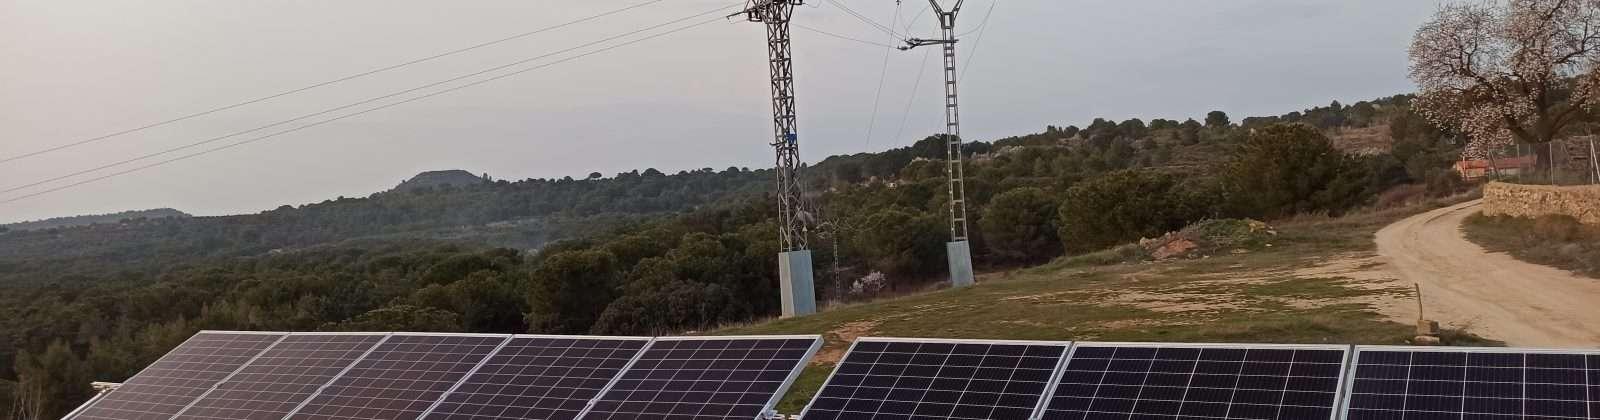 Autoconsumo fotovoltaico CuencaSolar